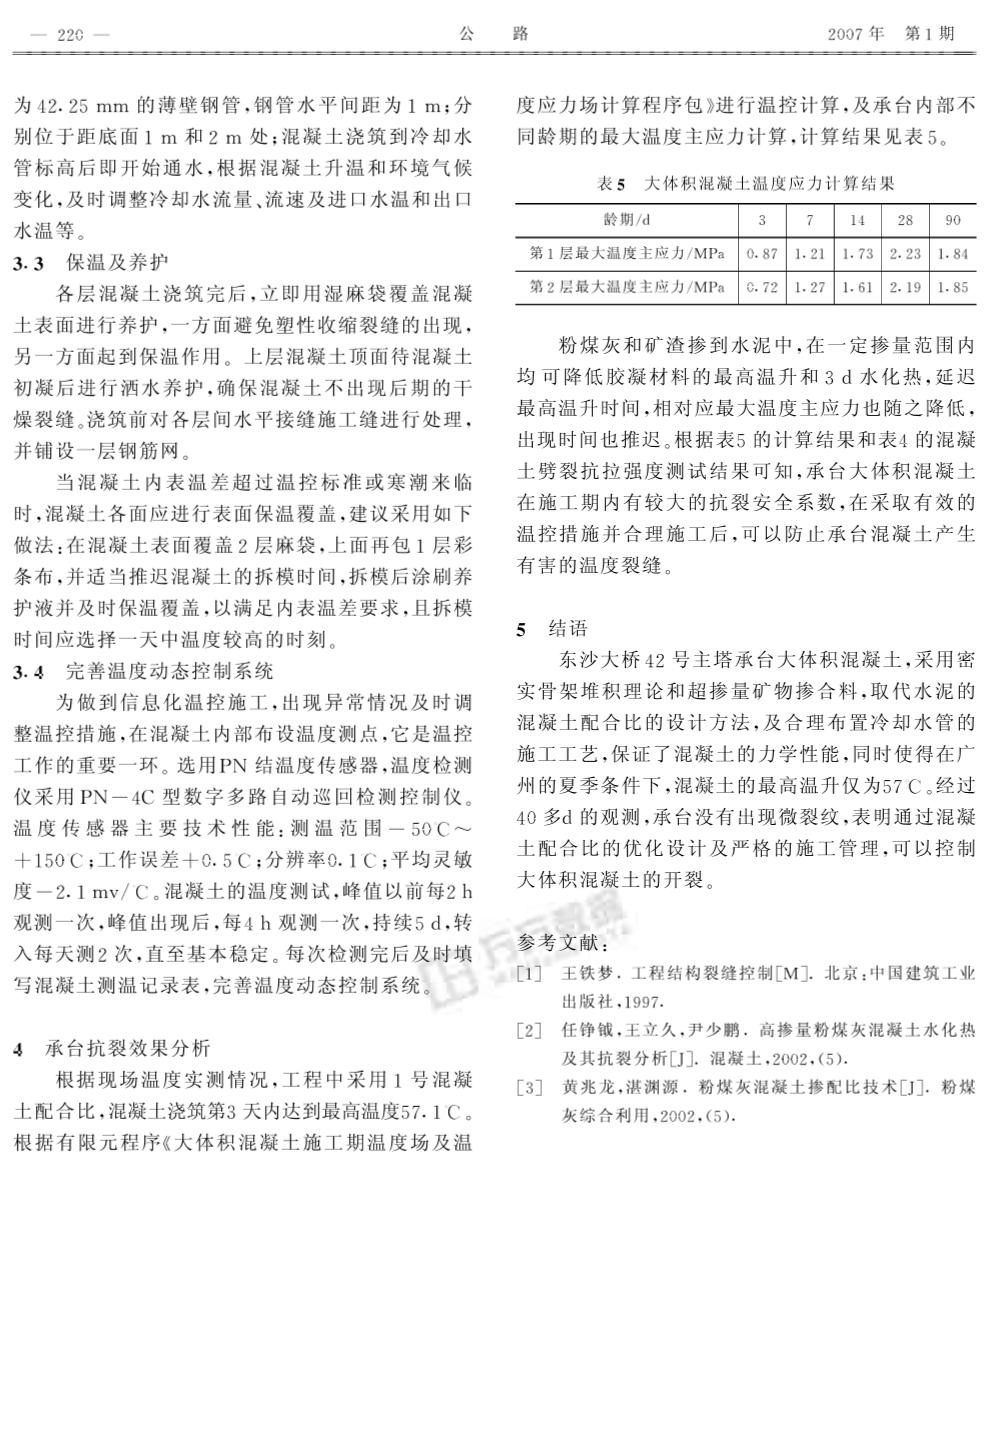 东沙大桥大体积混凝土配合比优化设计及施工.pdf本文上传自路桥吾爱-lq52.com图片1